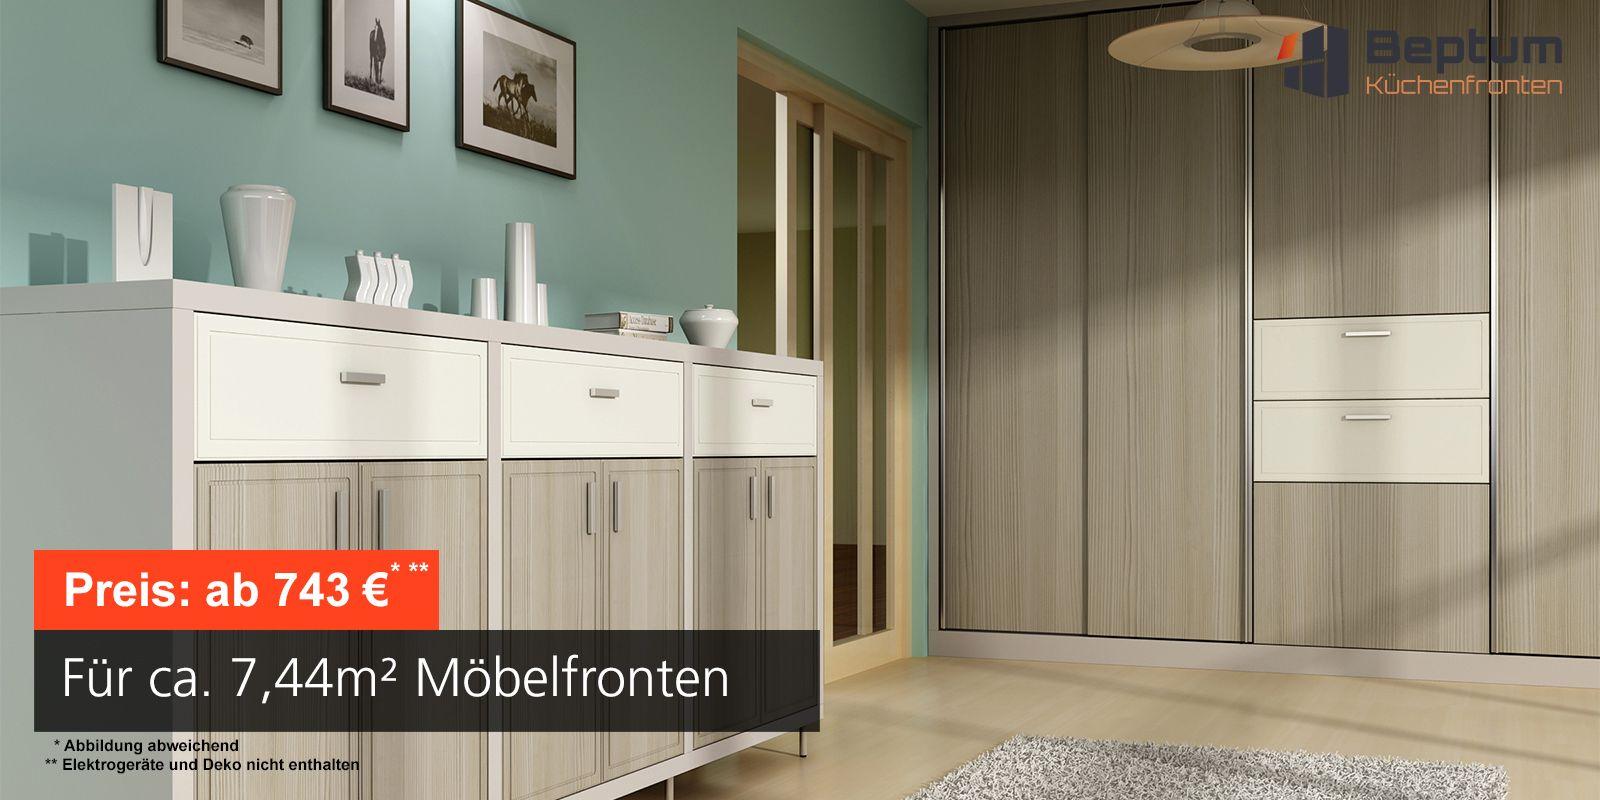 Ziemlich Kosten Für Neue Küchenschranktüren Bekommen Galerie - Ideen ...